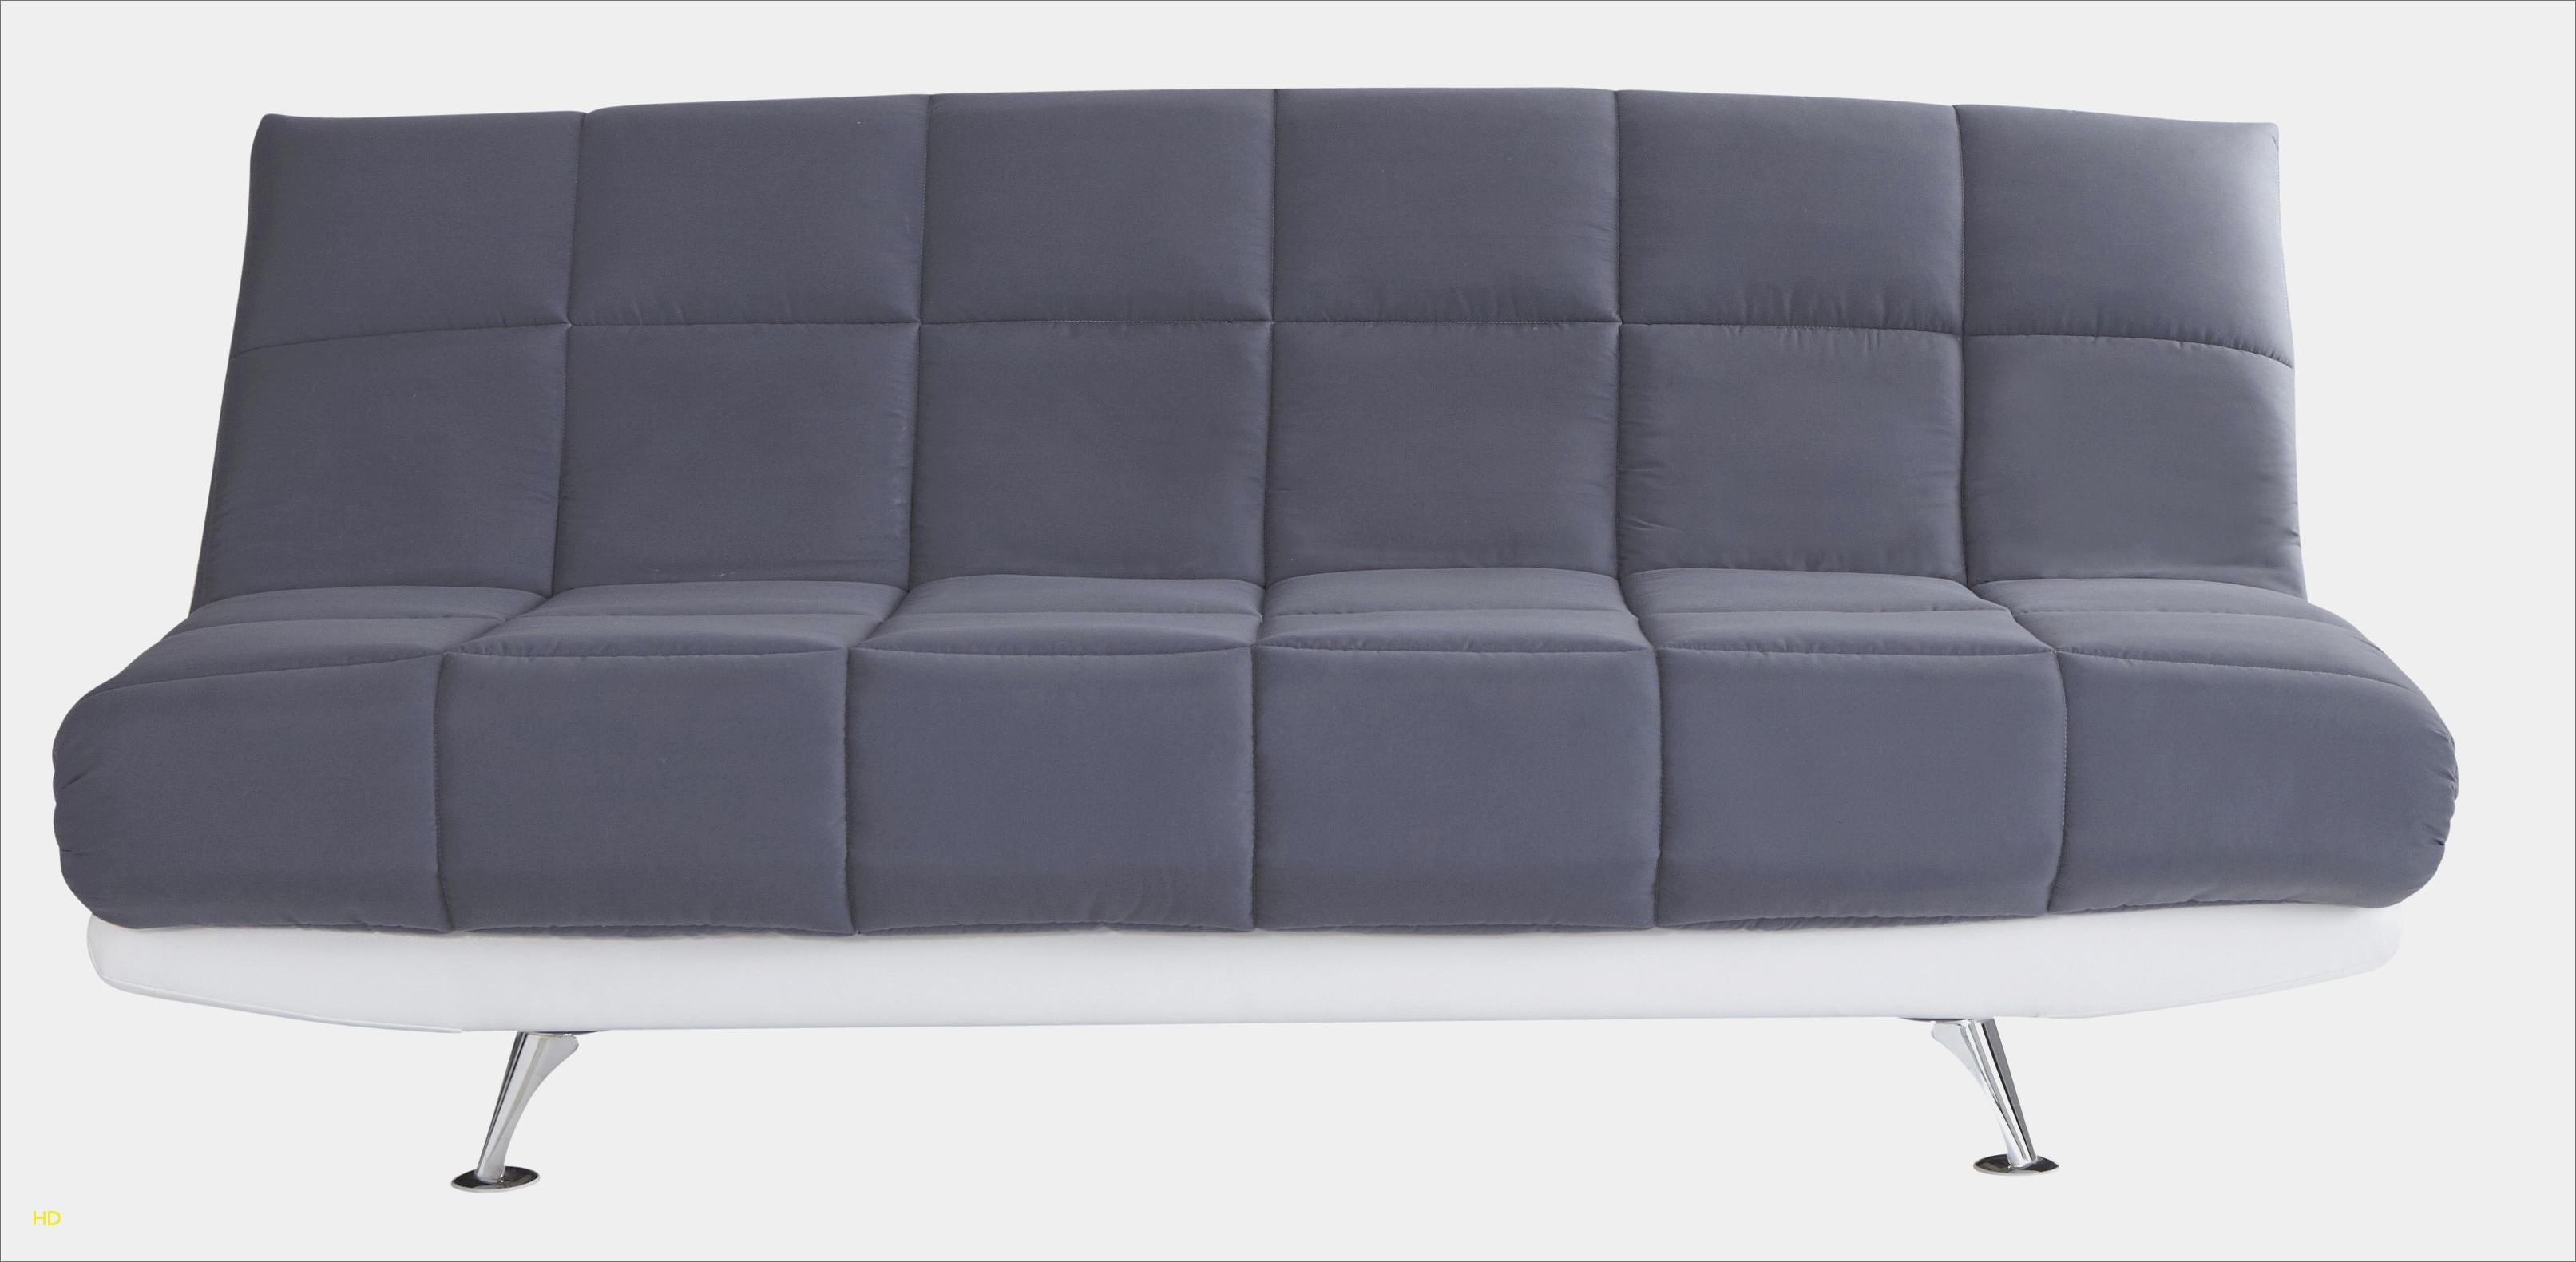 Canapé Convertible Confortable Bultex Élégant Photographie 20 Génial Canapé Convertible Couchage Quoti N Matelas 18 Cm top